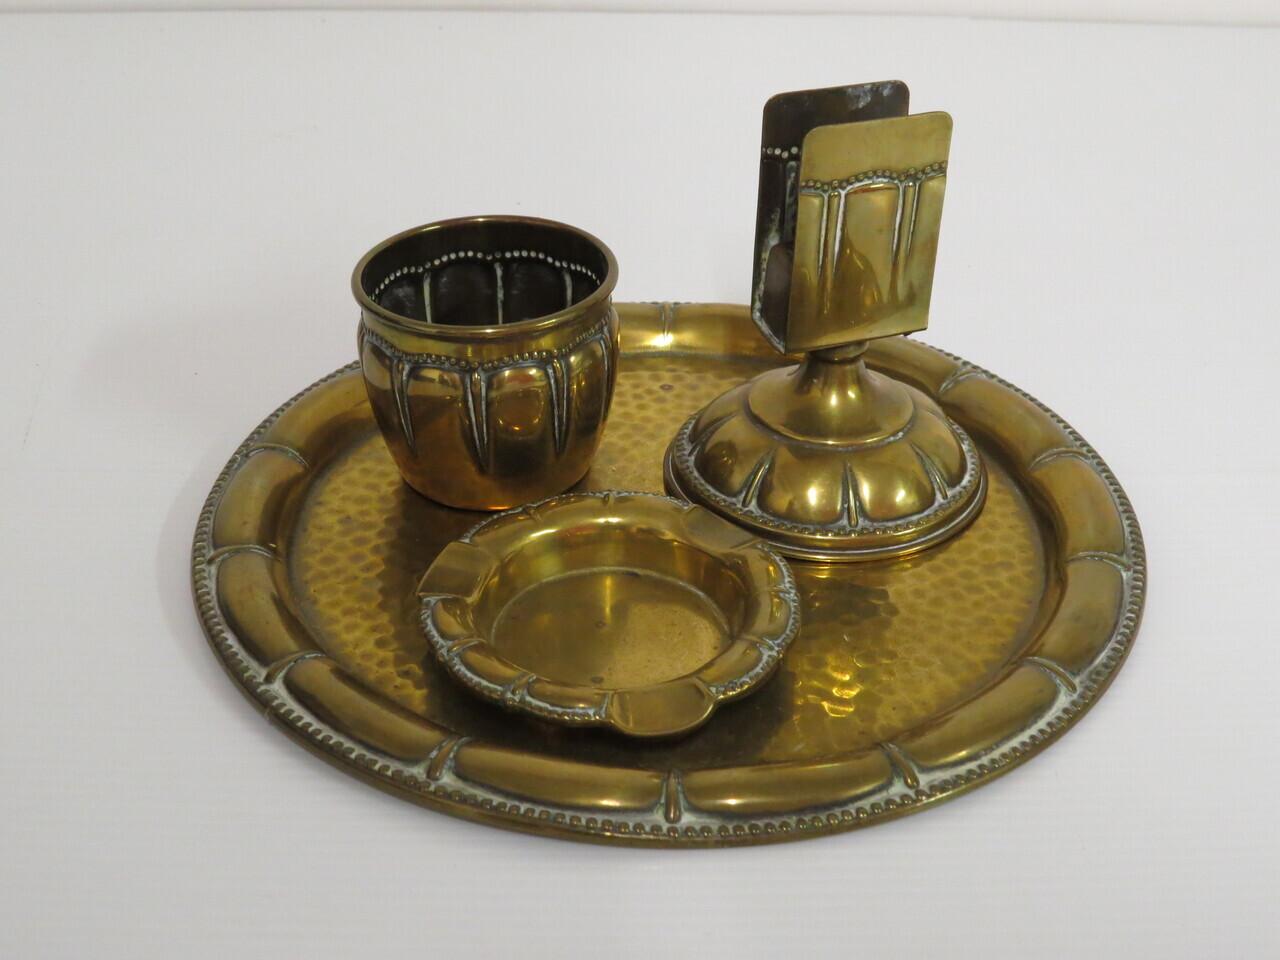 Lote: 3 - Lote: 3 - Lote de piezas repujadas en bronce